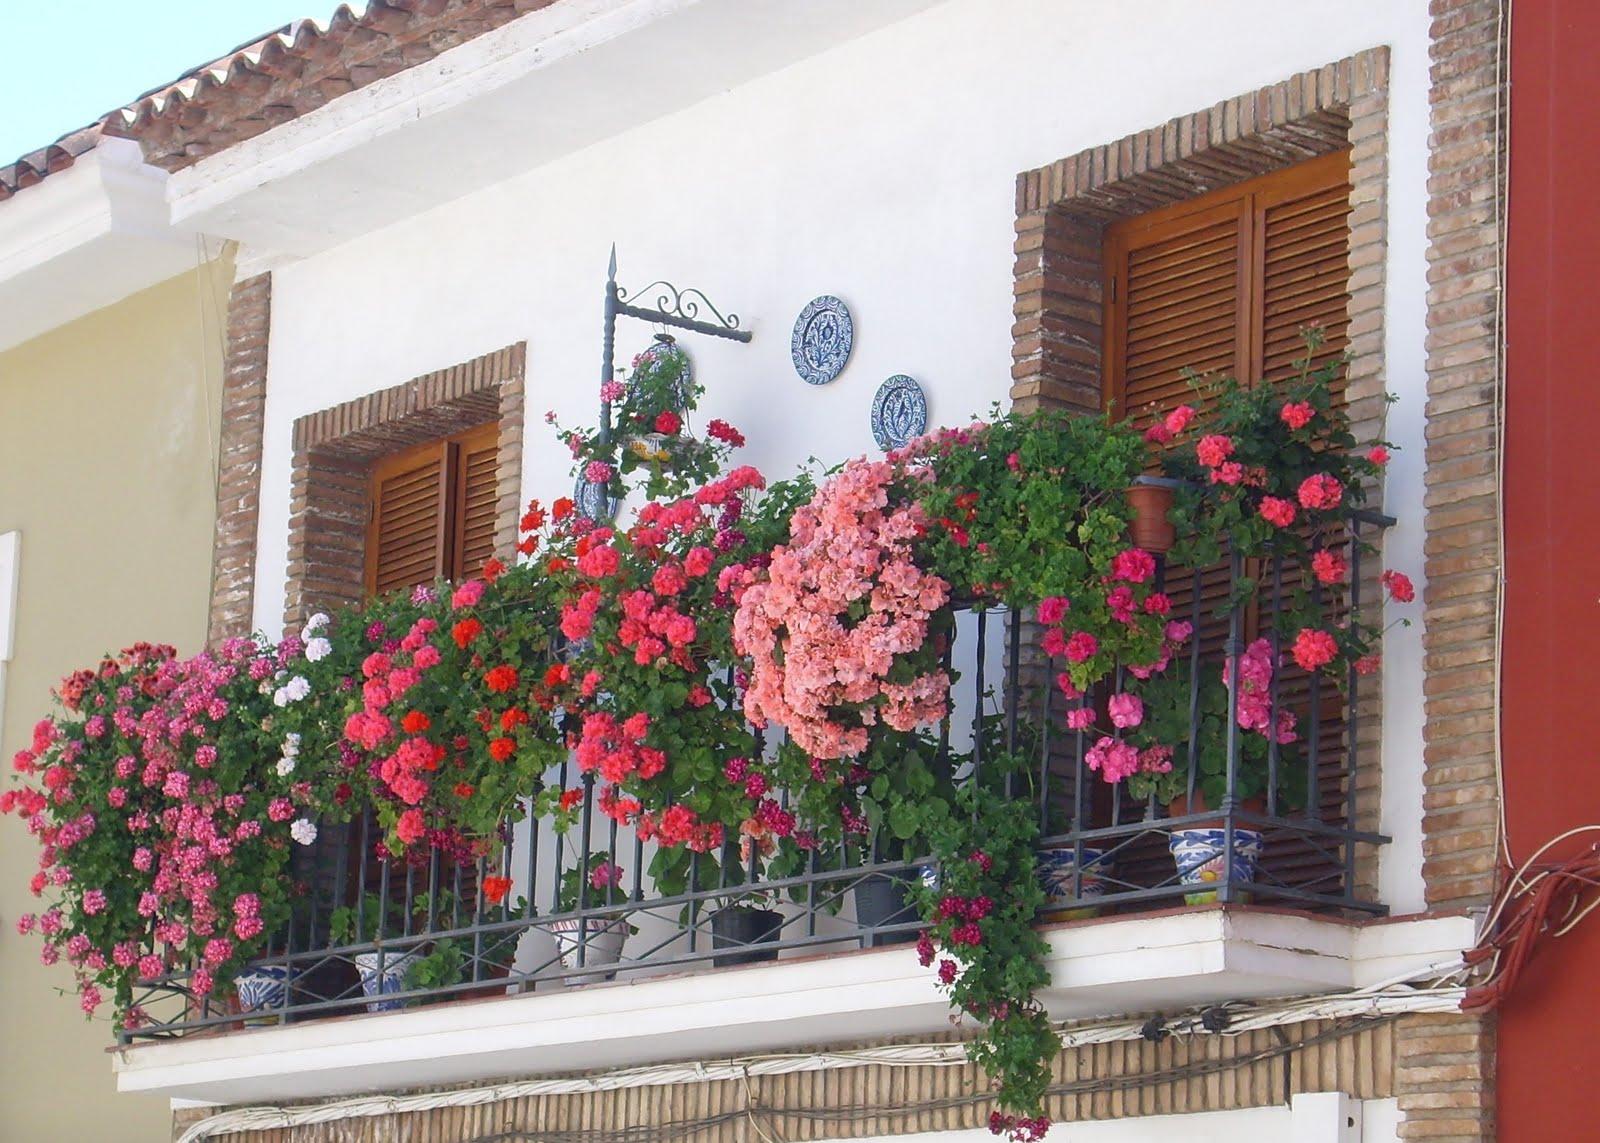 Puente genil es mi blog balcones pontanenses con encanto - Balcones con encanto ...